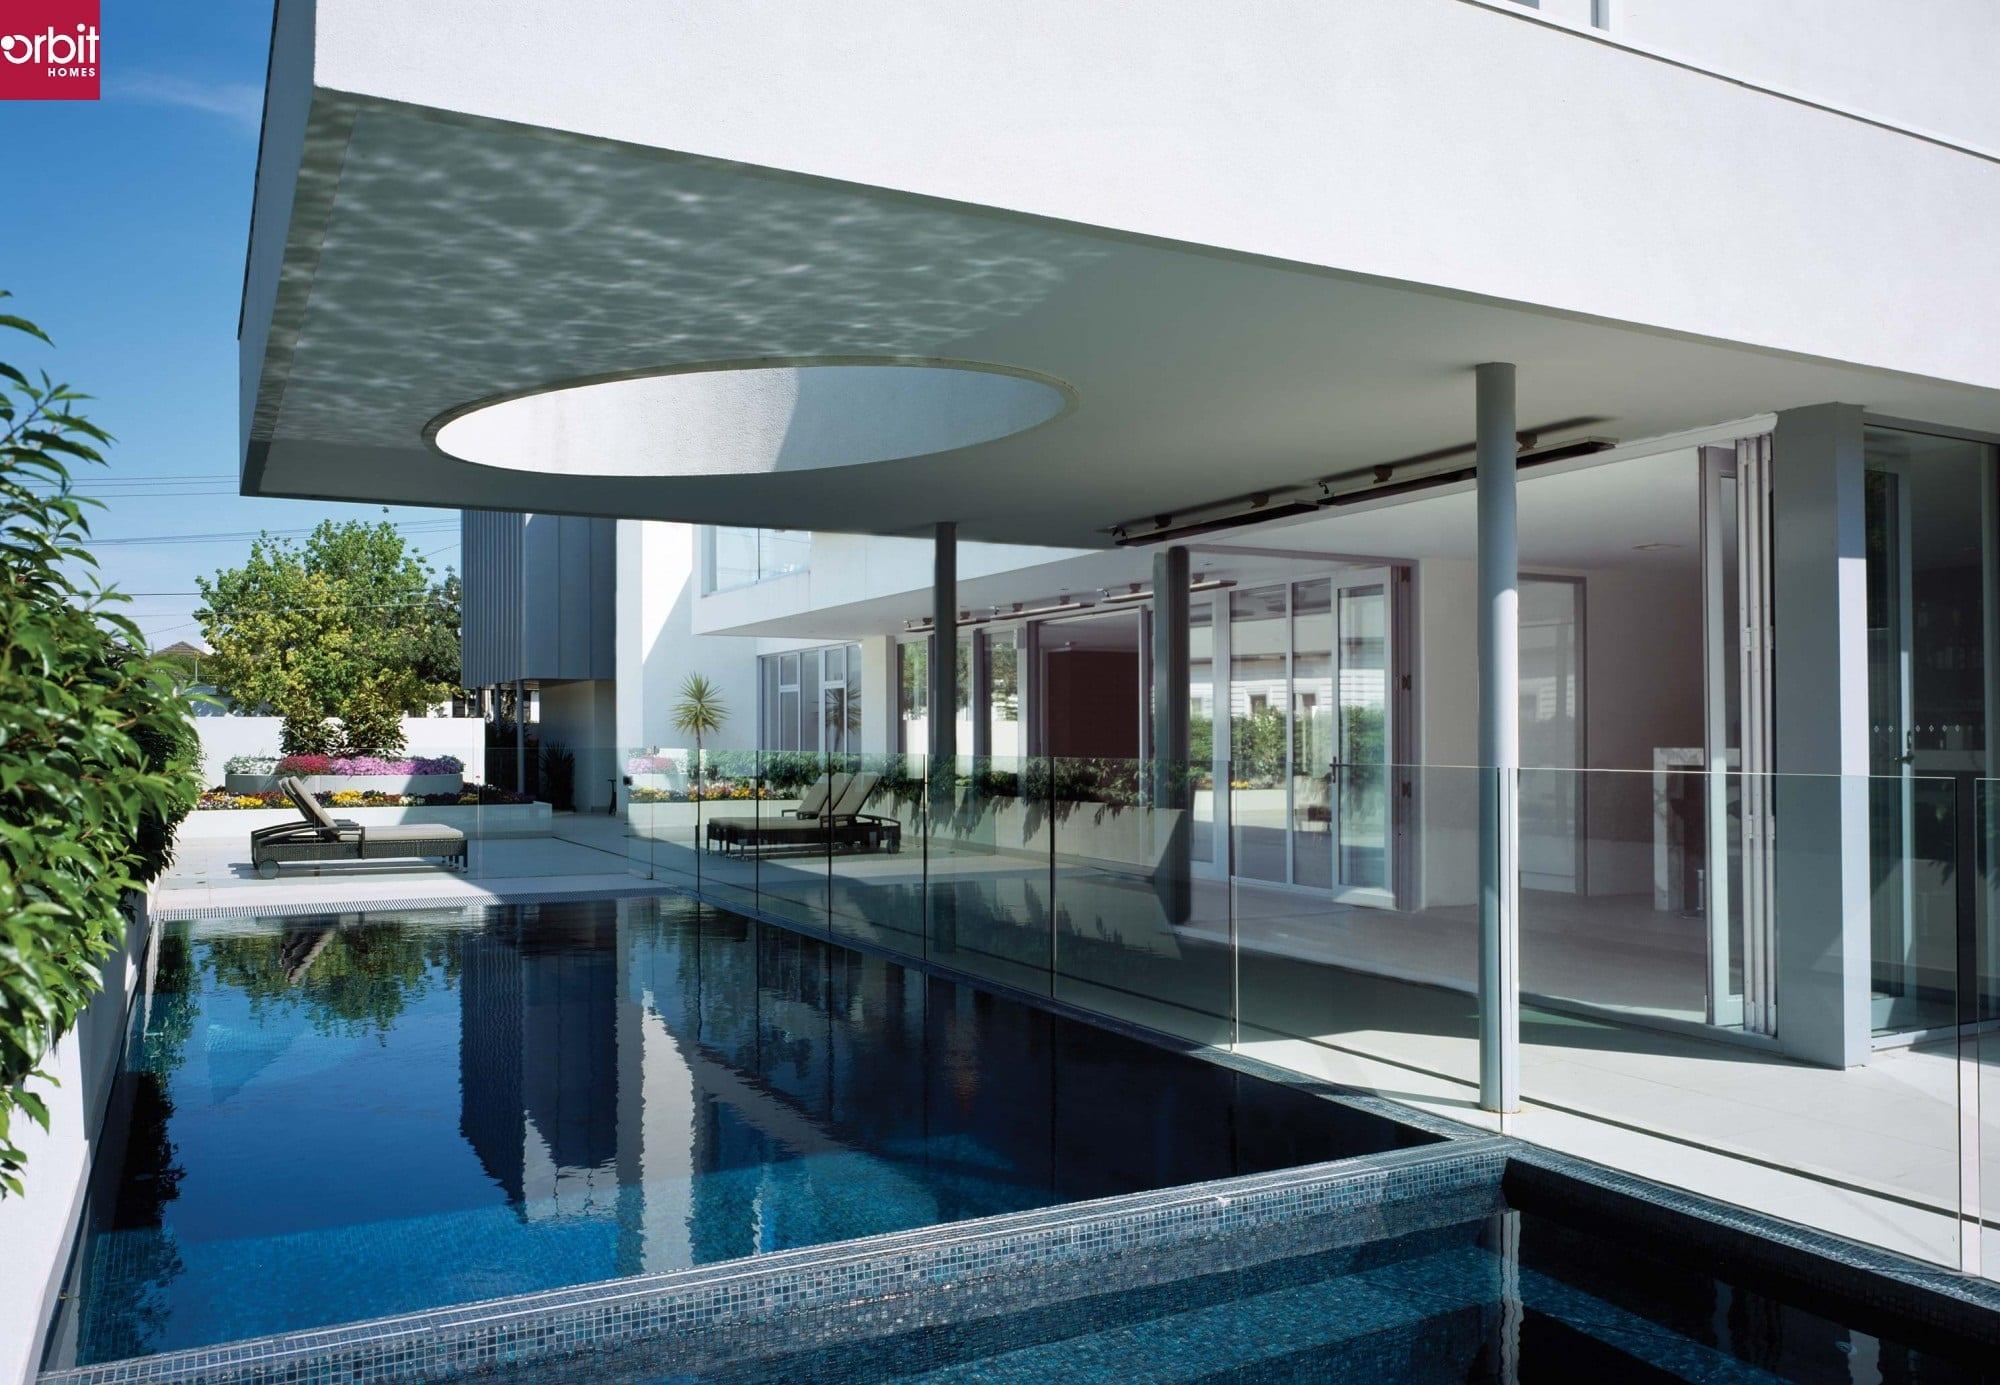 Orbit Homes - New Home Builder Queensland